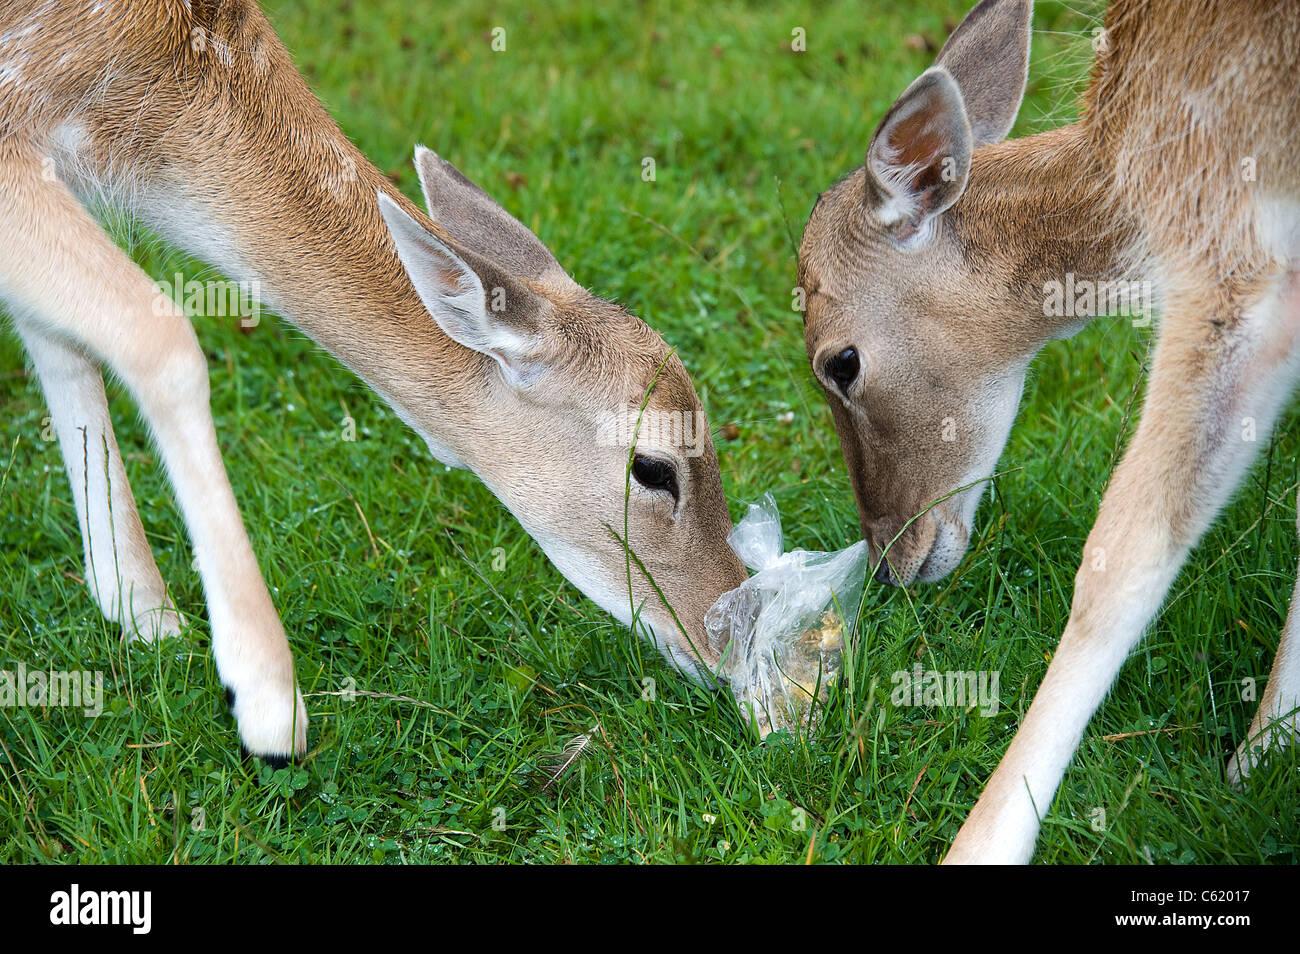 Fallow Deer, Female, UK (Dama dama) eating plastic bag - Stock Image